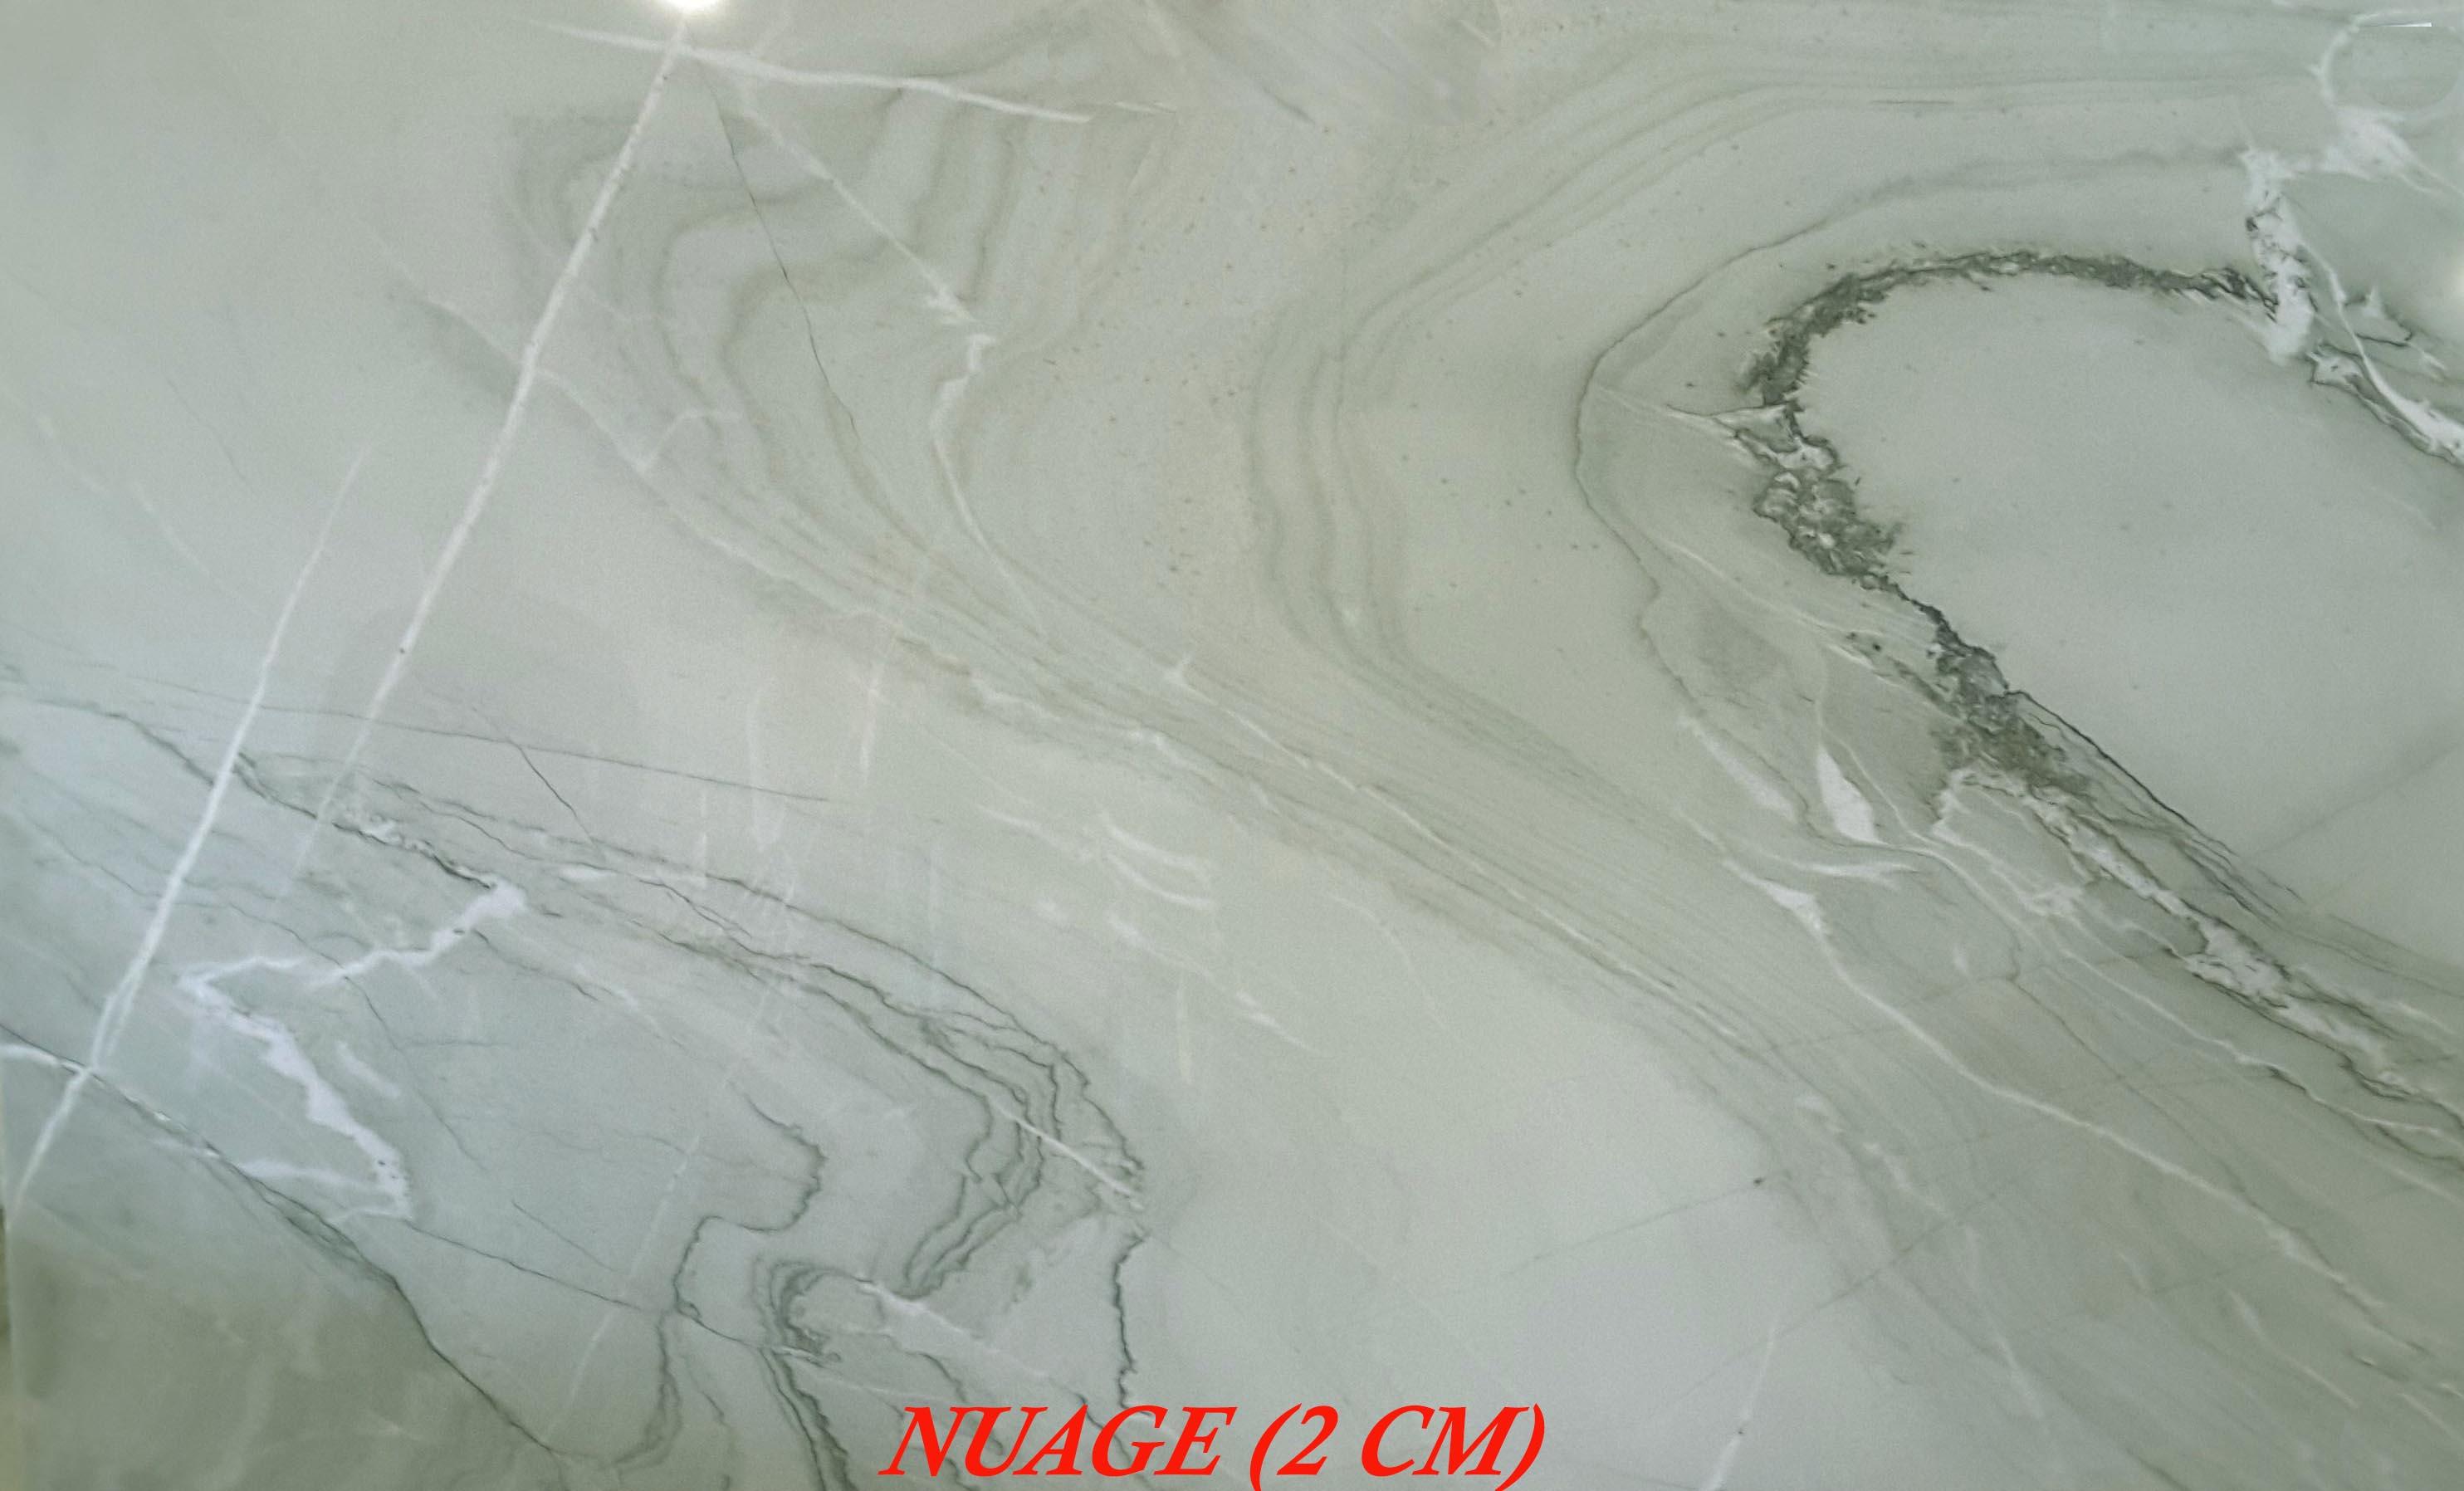 NUAGE (2 CM)-#34870